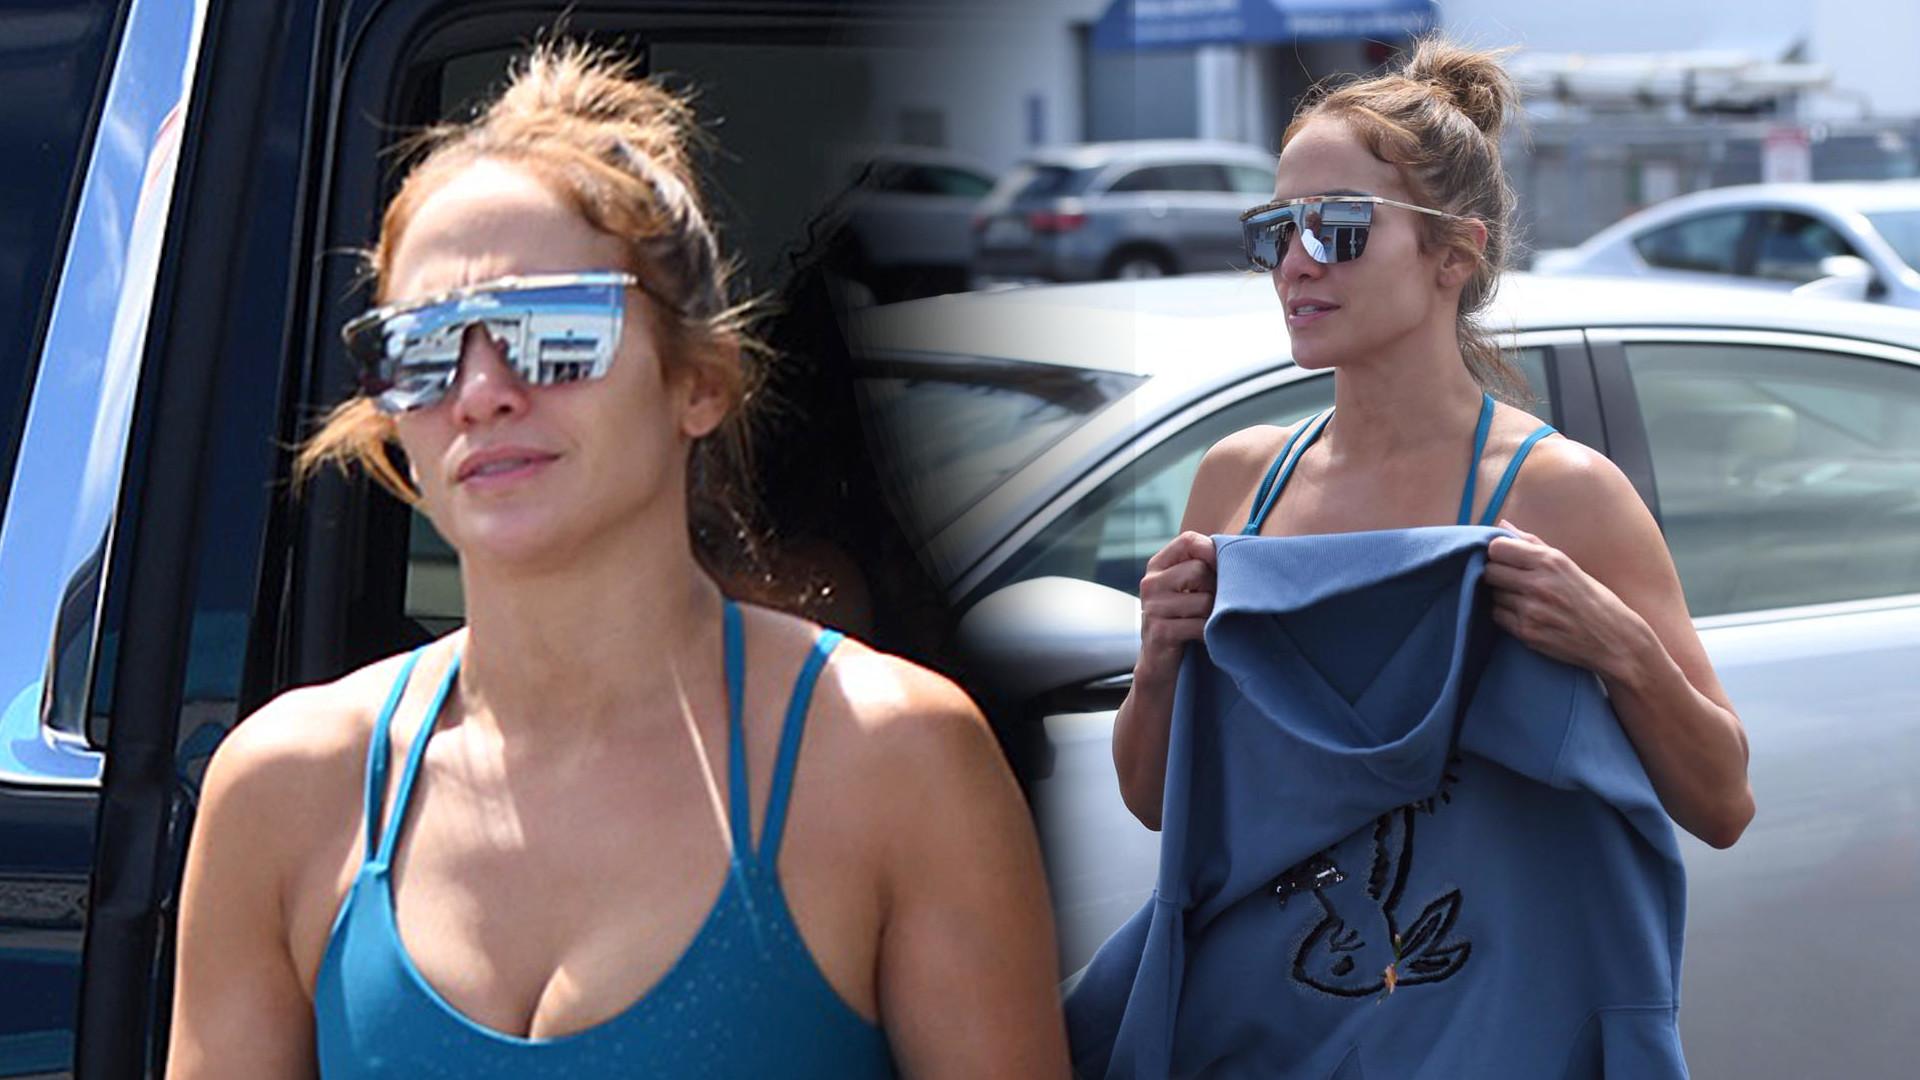 Dlaczego Jennifer Lopez UKRYWA swój brzuch? (ZDJĘCIA)